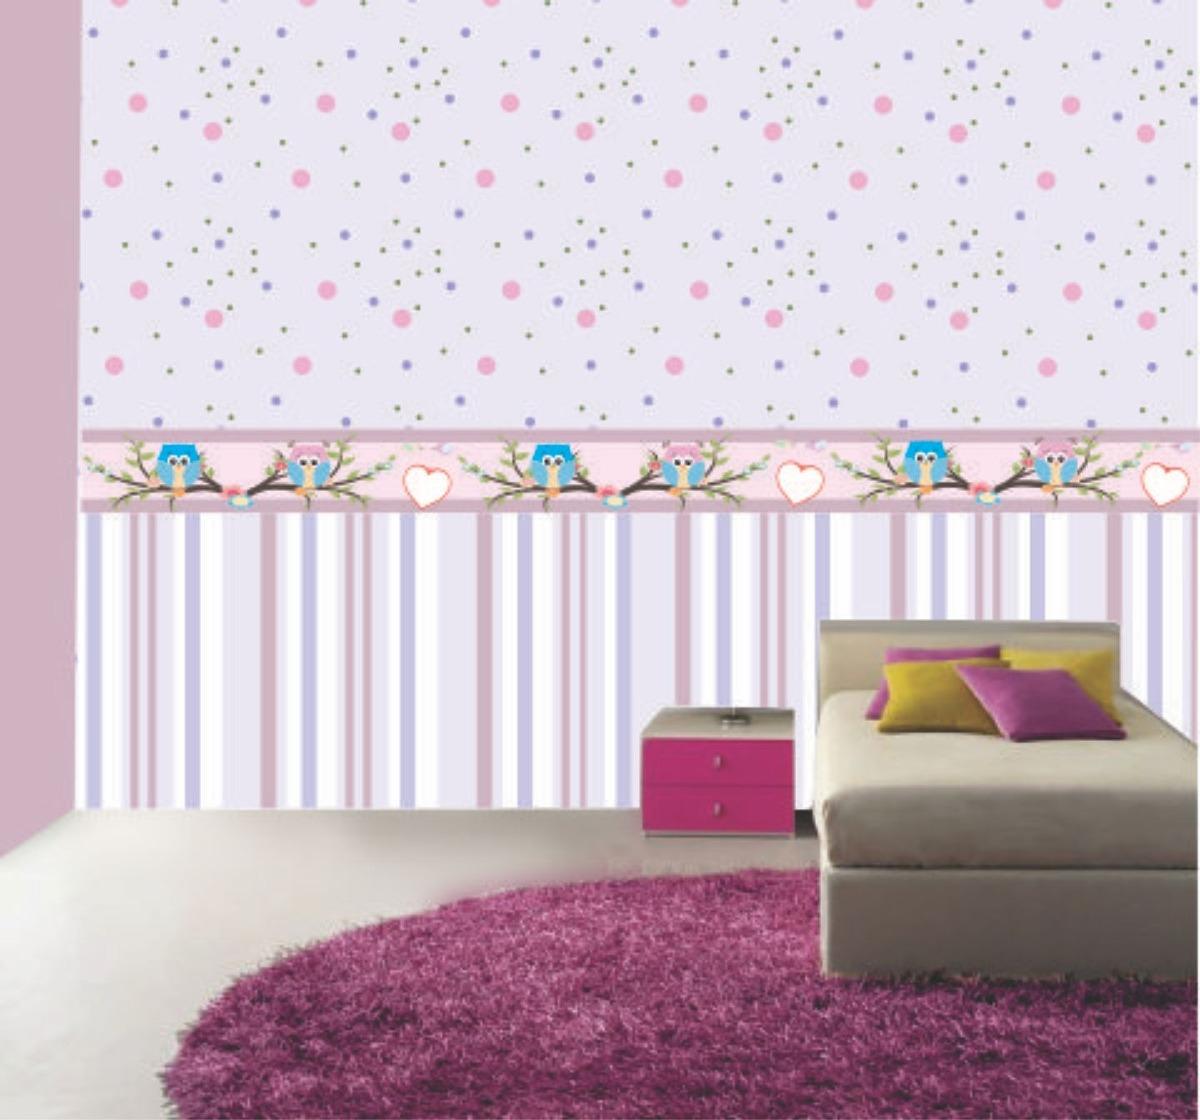 Papel de parede quarto bebe infantil corujinha promo o for Papel para pared infantil